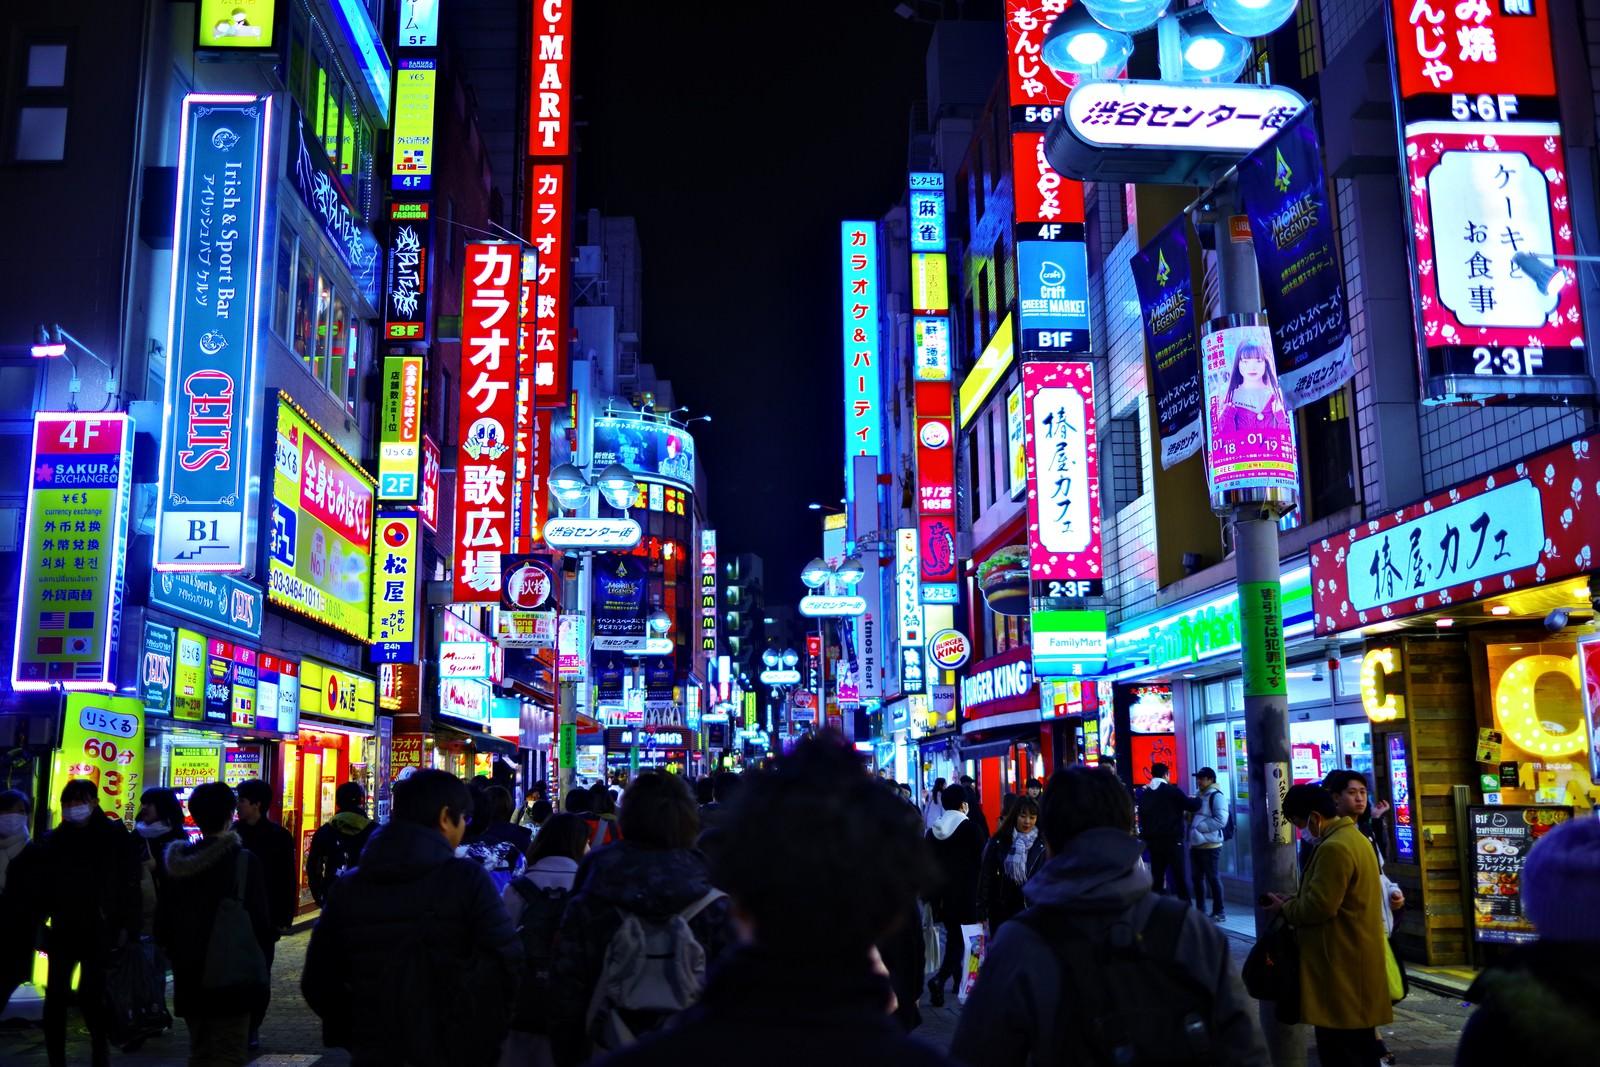 「渋谷センター街のネオンギラギラ」の写真